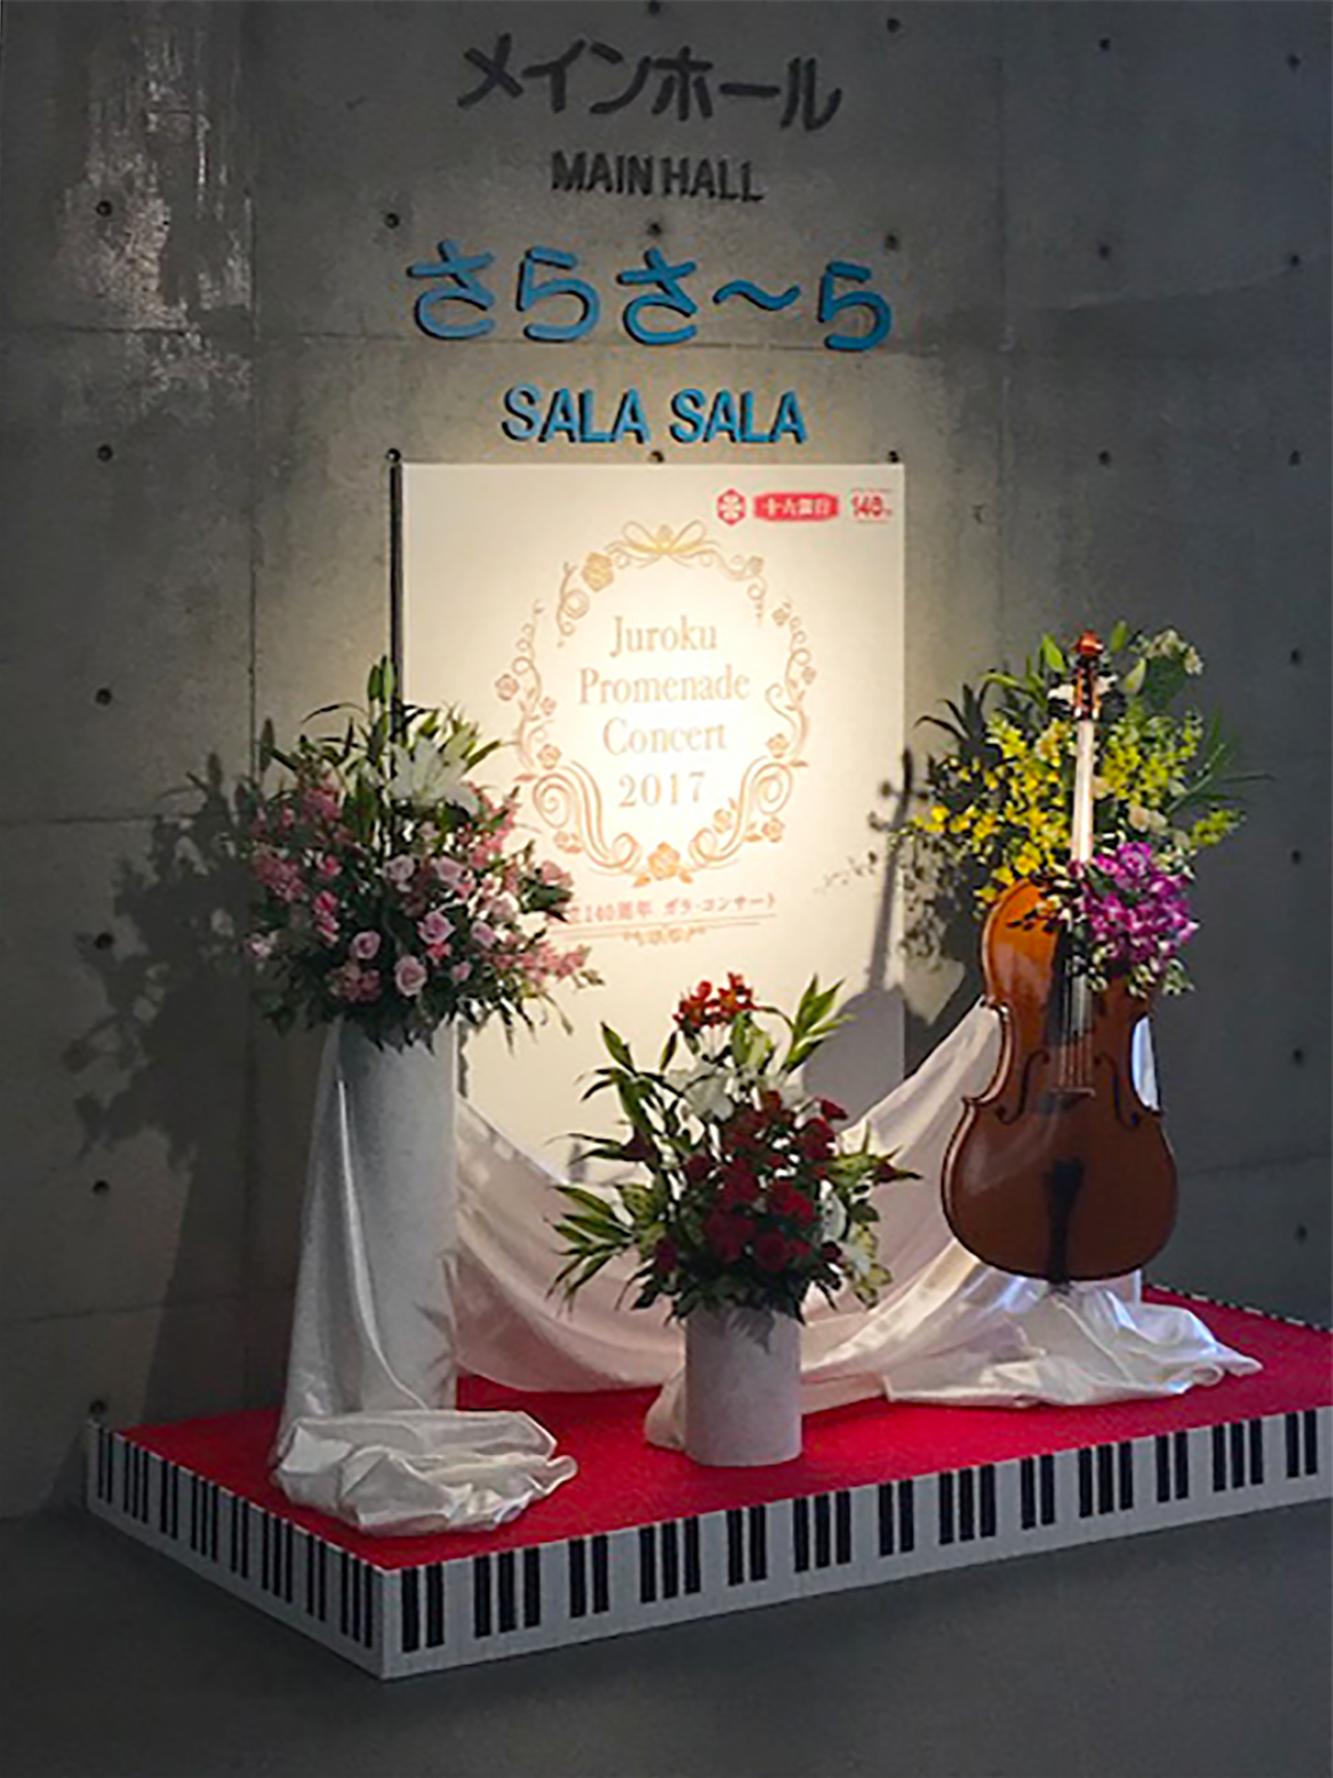 十六銀行コンサート